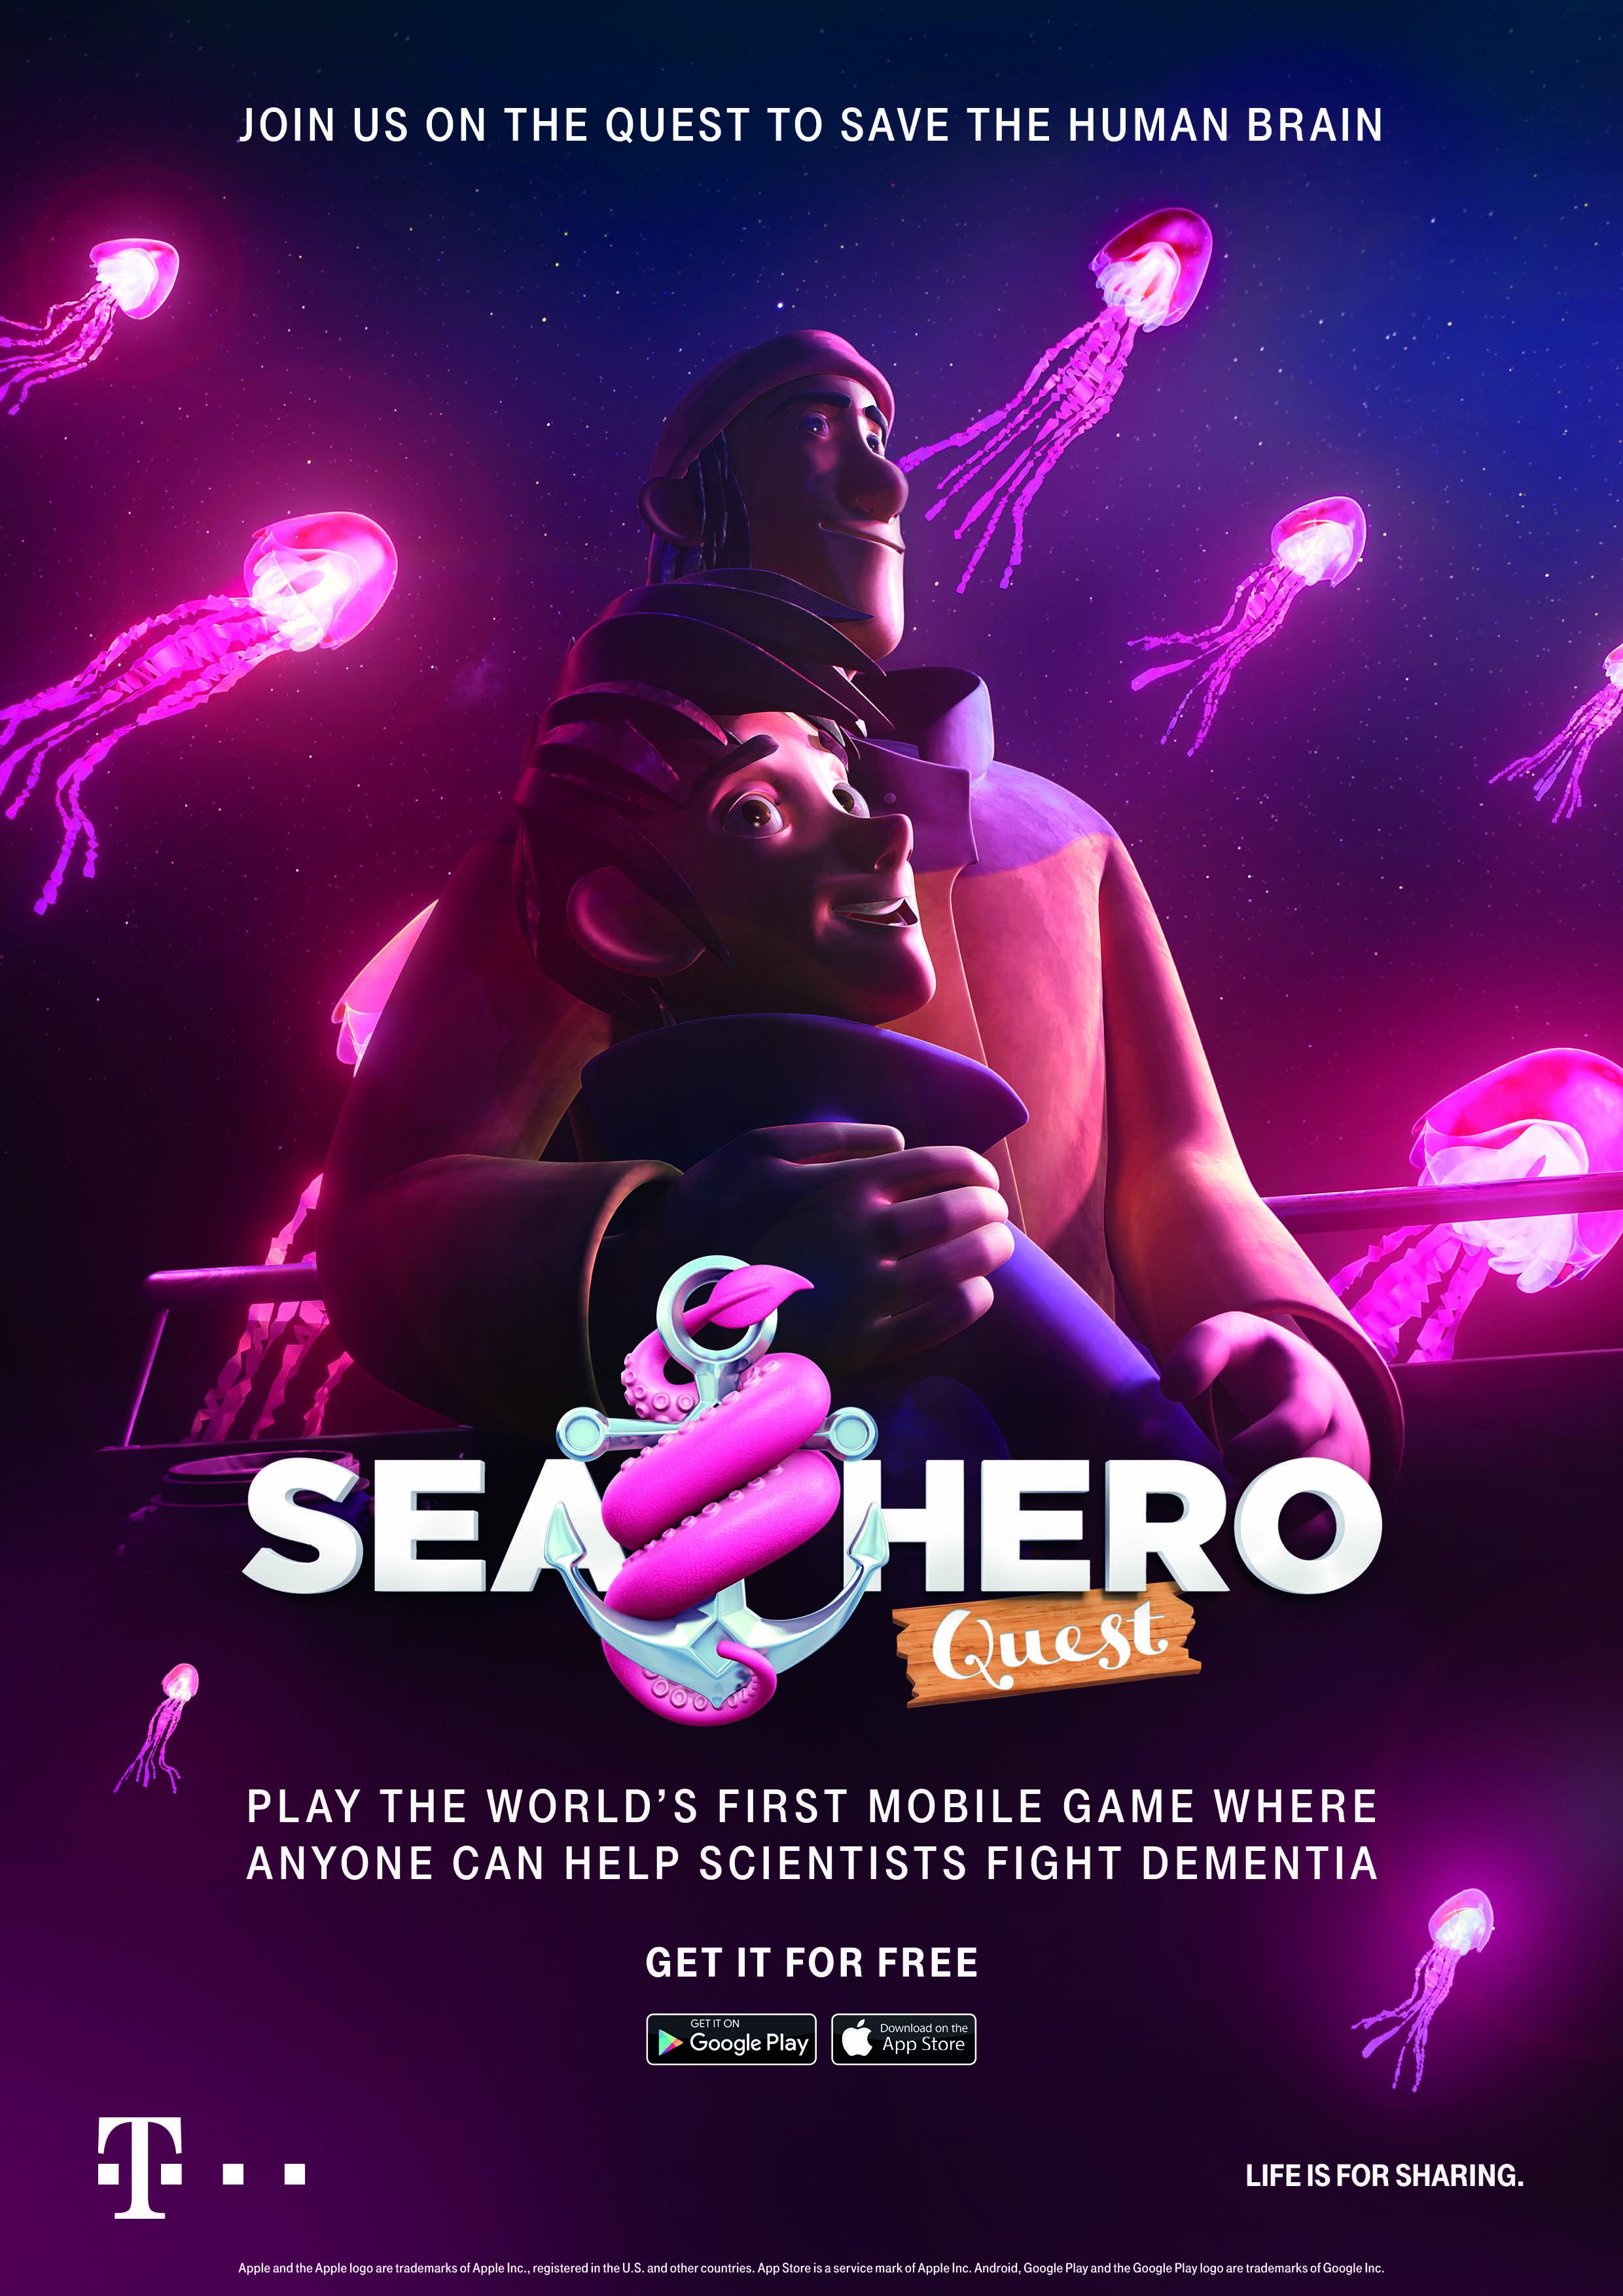 2018_gl_2018_e-165-237_hero_1